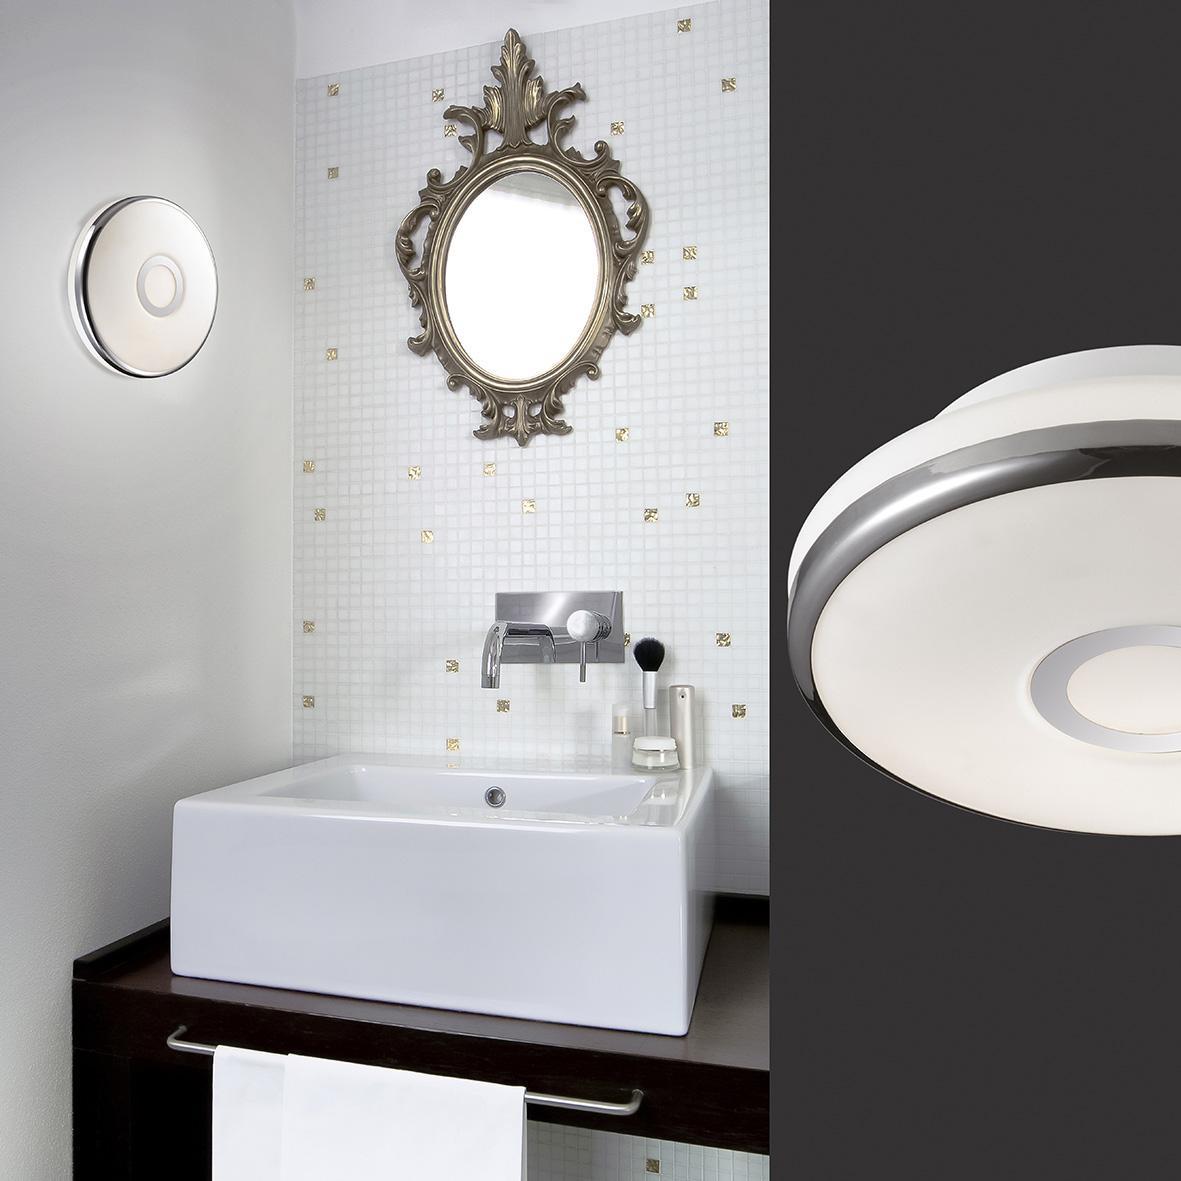 Потолочный светильник Odeon Light Ibra 2401/3C потолочный светильник odeon 2401 3c